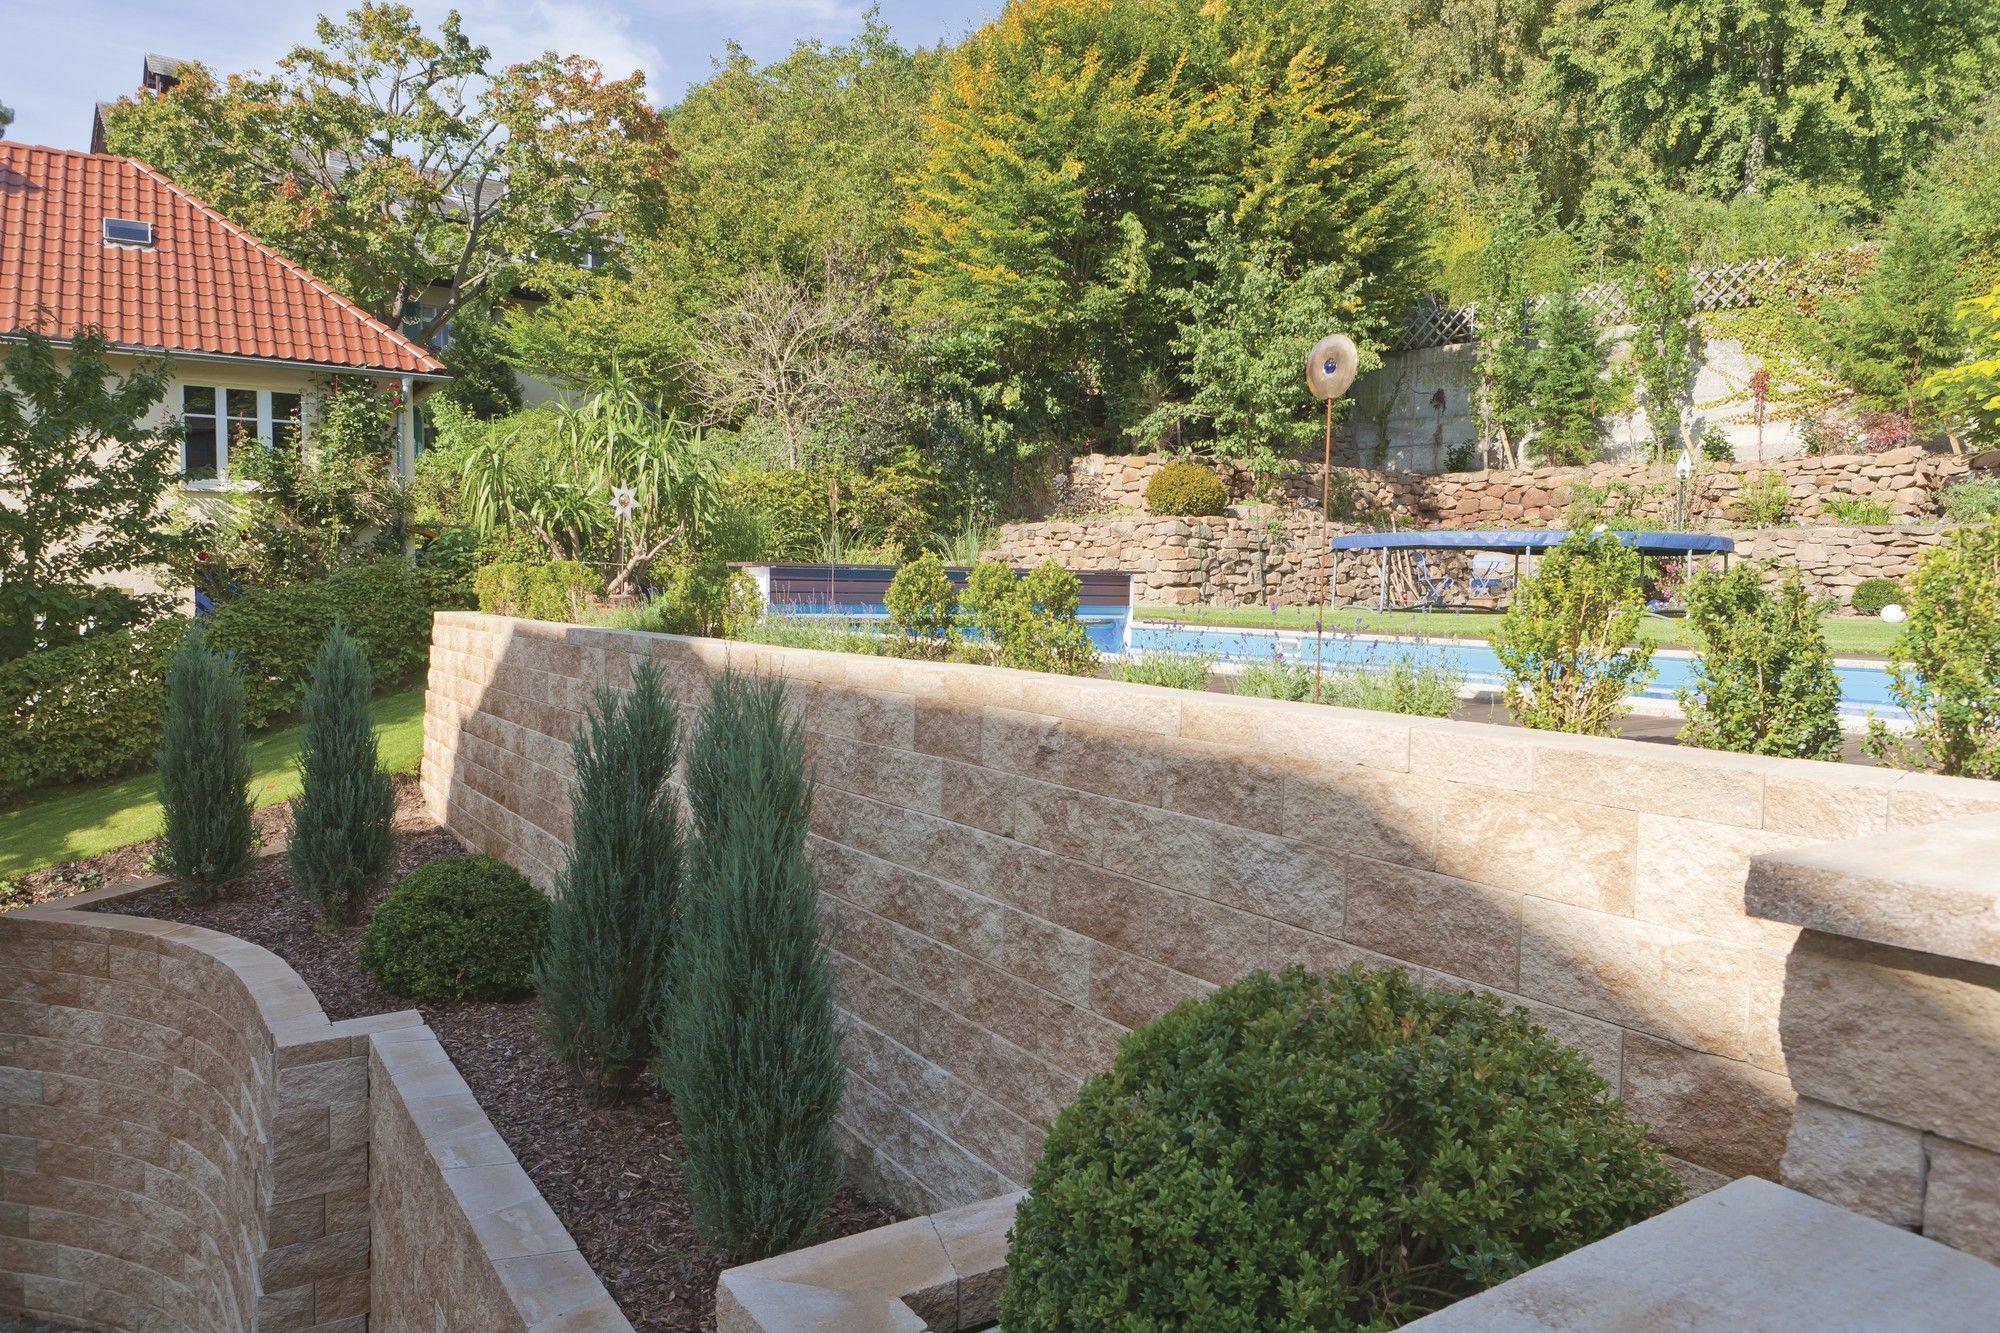 Ihr Garten Weist Hohenunterschiede Auf Mit Der Vertica Mauer Von Rinn Beton Und Naturstein Geling Garten Steinmauer Garten Garten Ideen Gestaltung Vorgarten